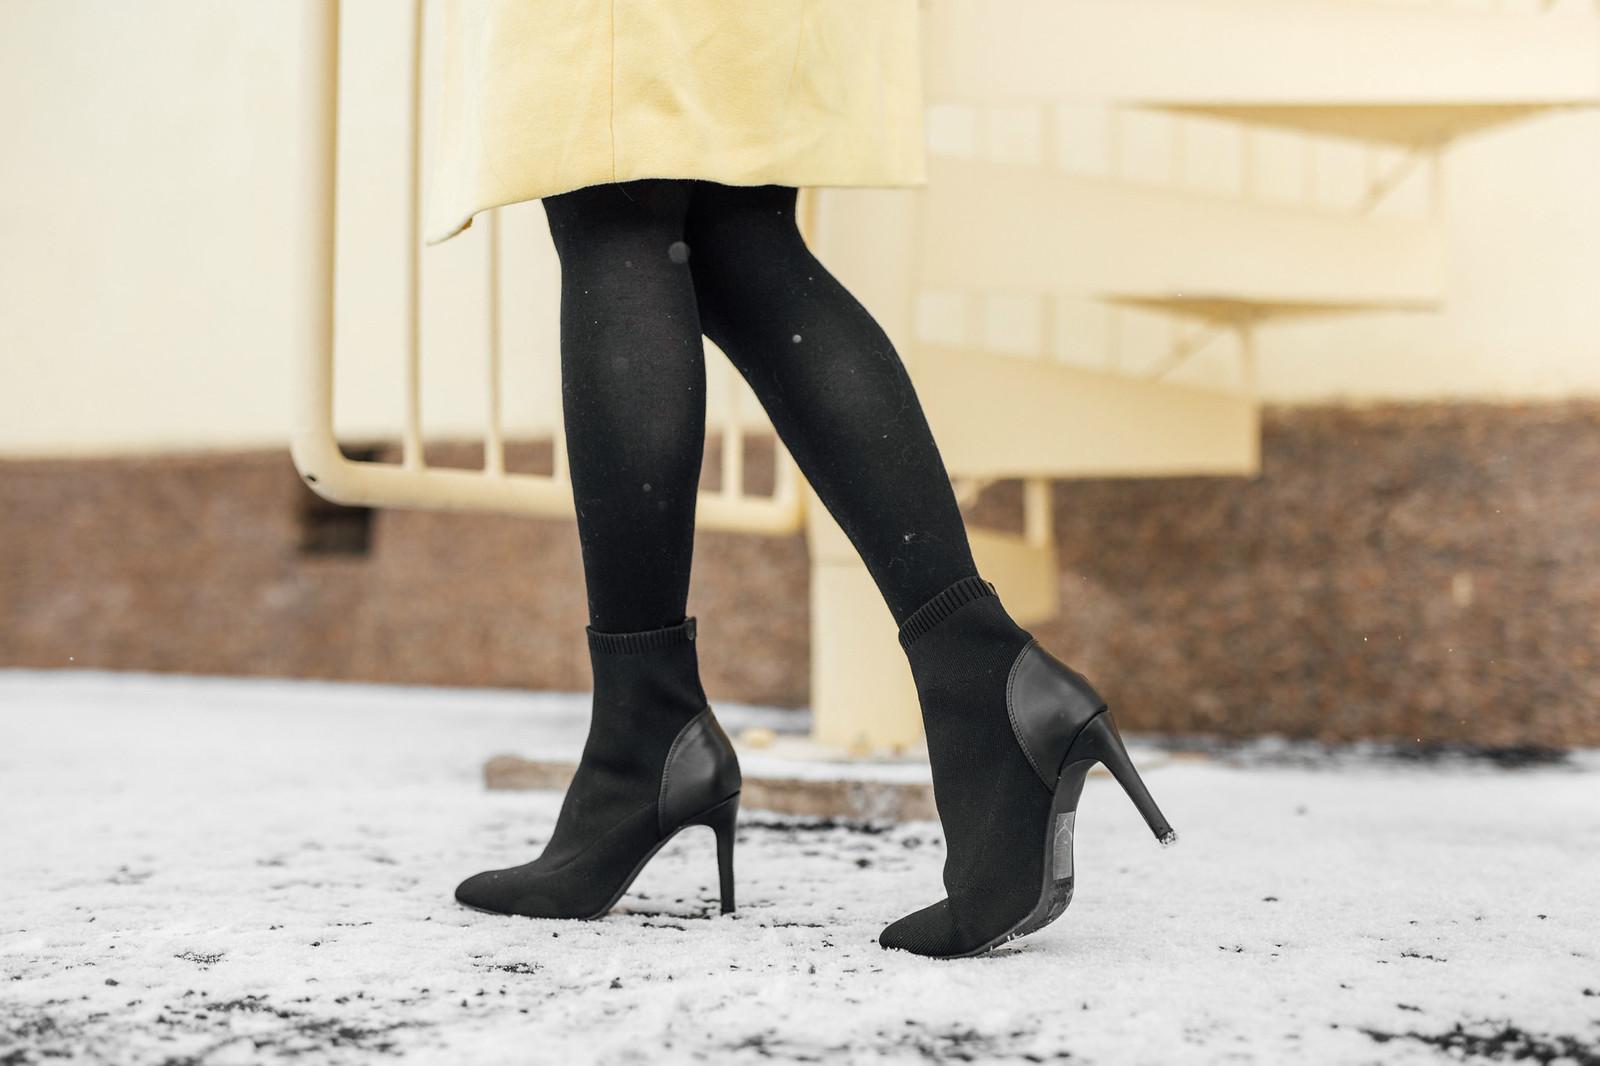 mustat sukkanilkkurit